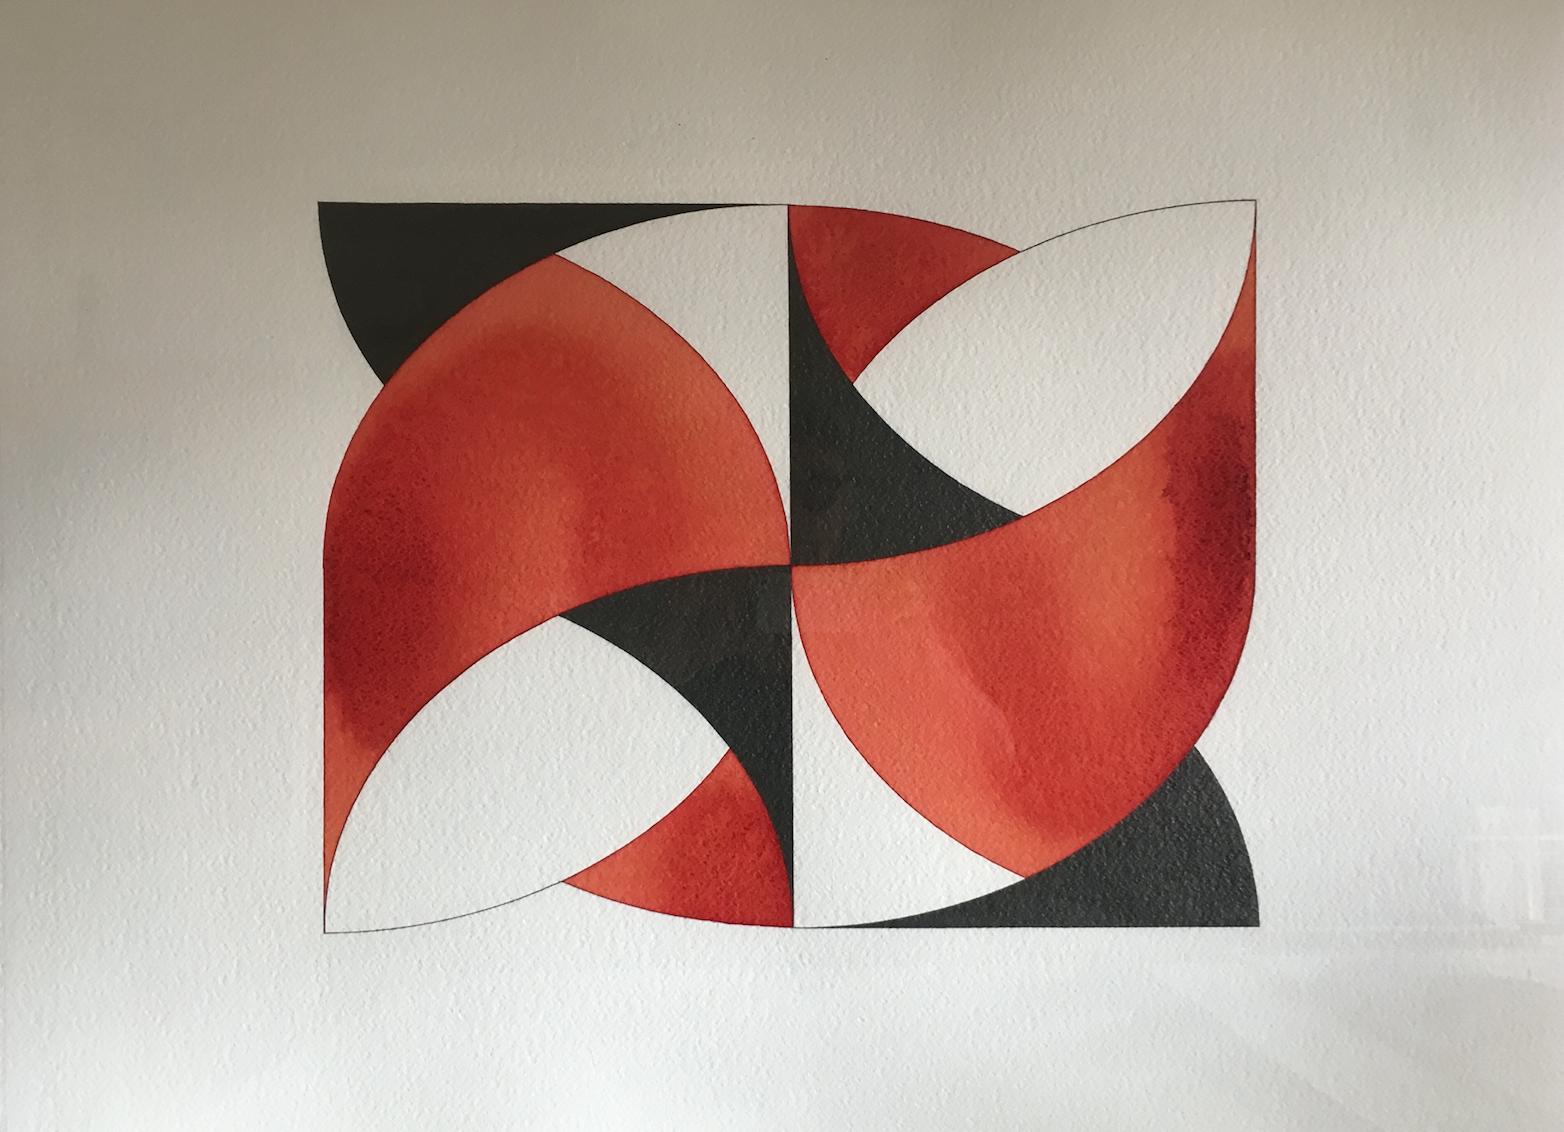 'Part Worlds, Worlds Apart 8' 2016, aquarelle et crayon sur papier, 56 x 76 cm